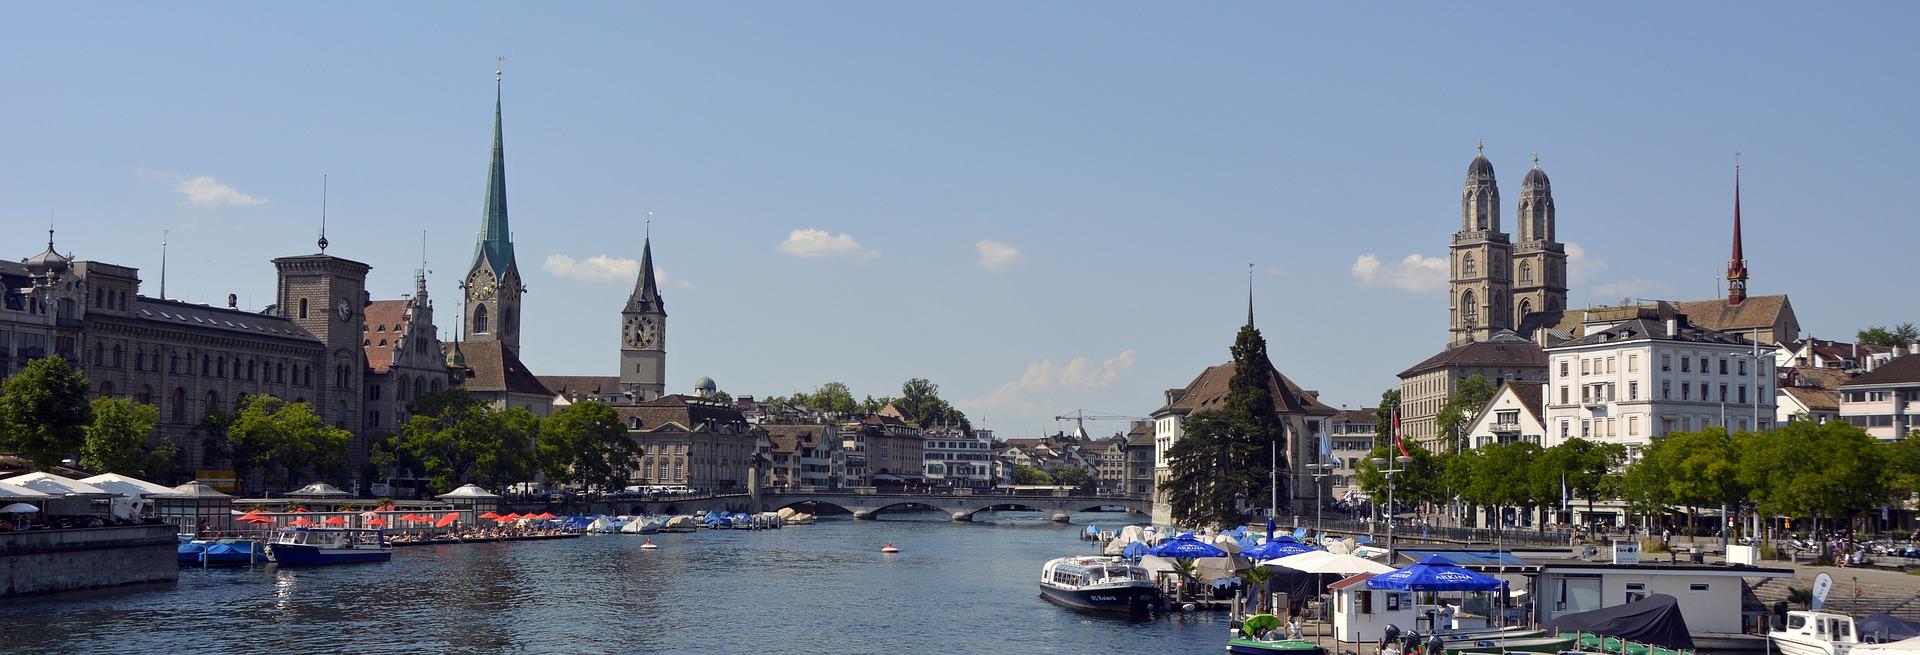 Romance is in the (alpine) air in Zurich